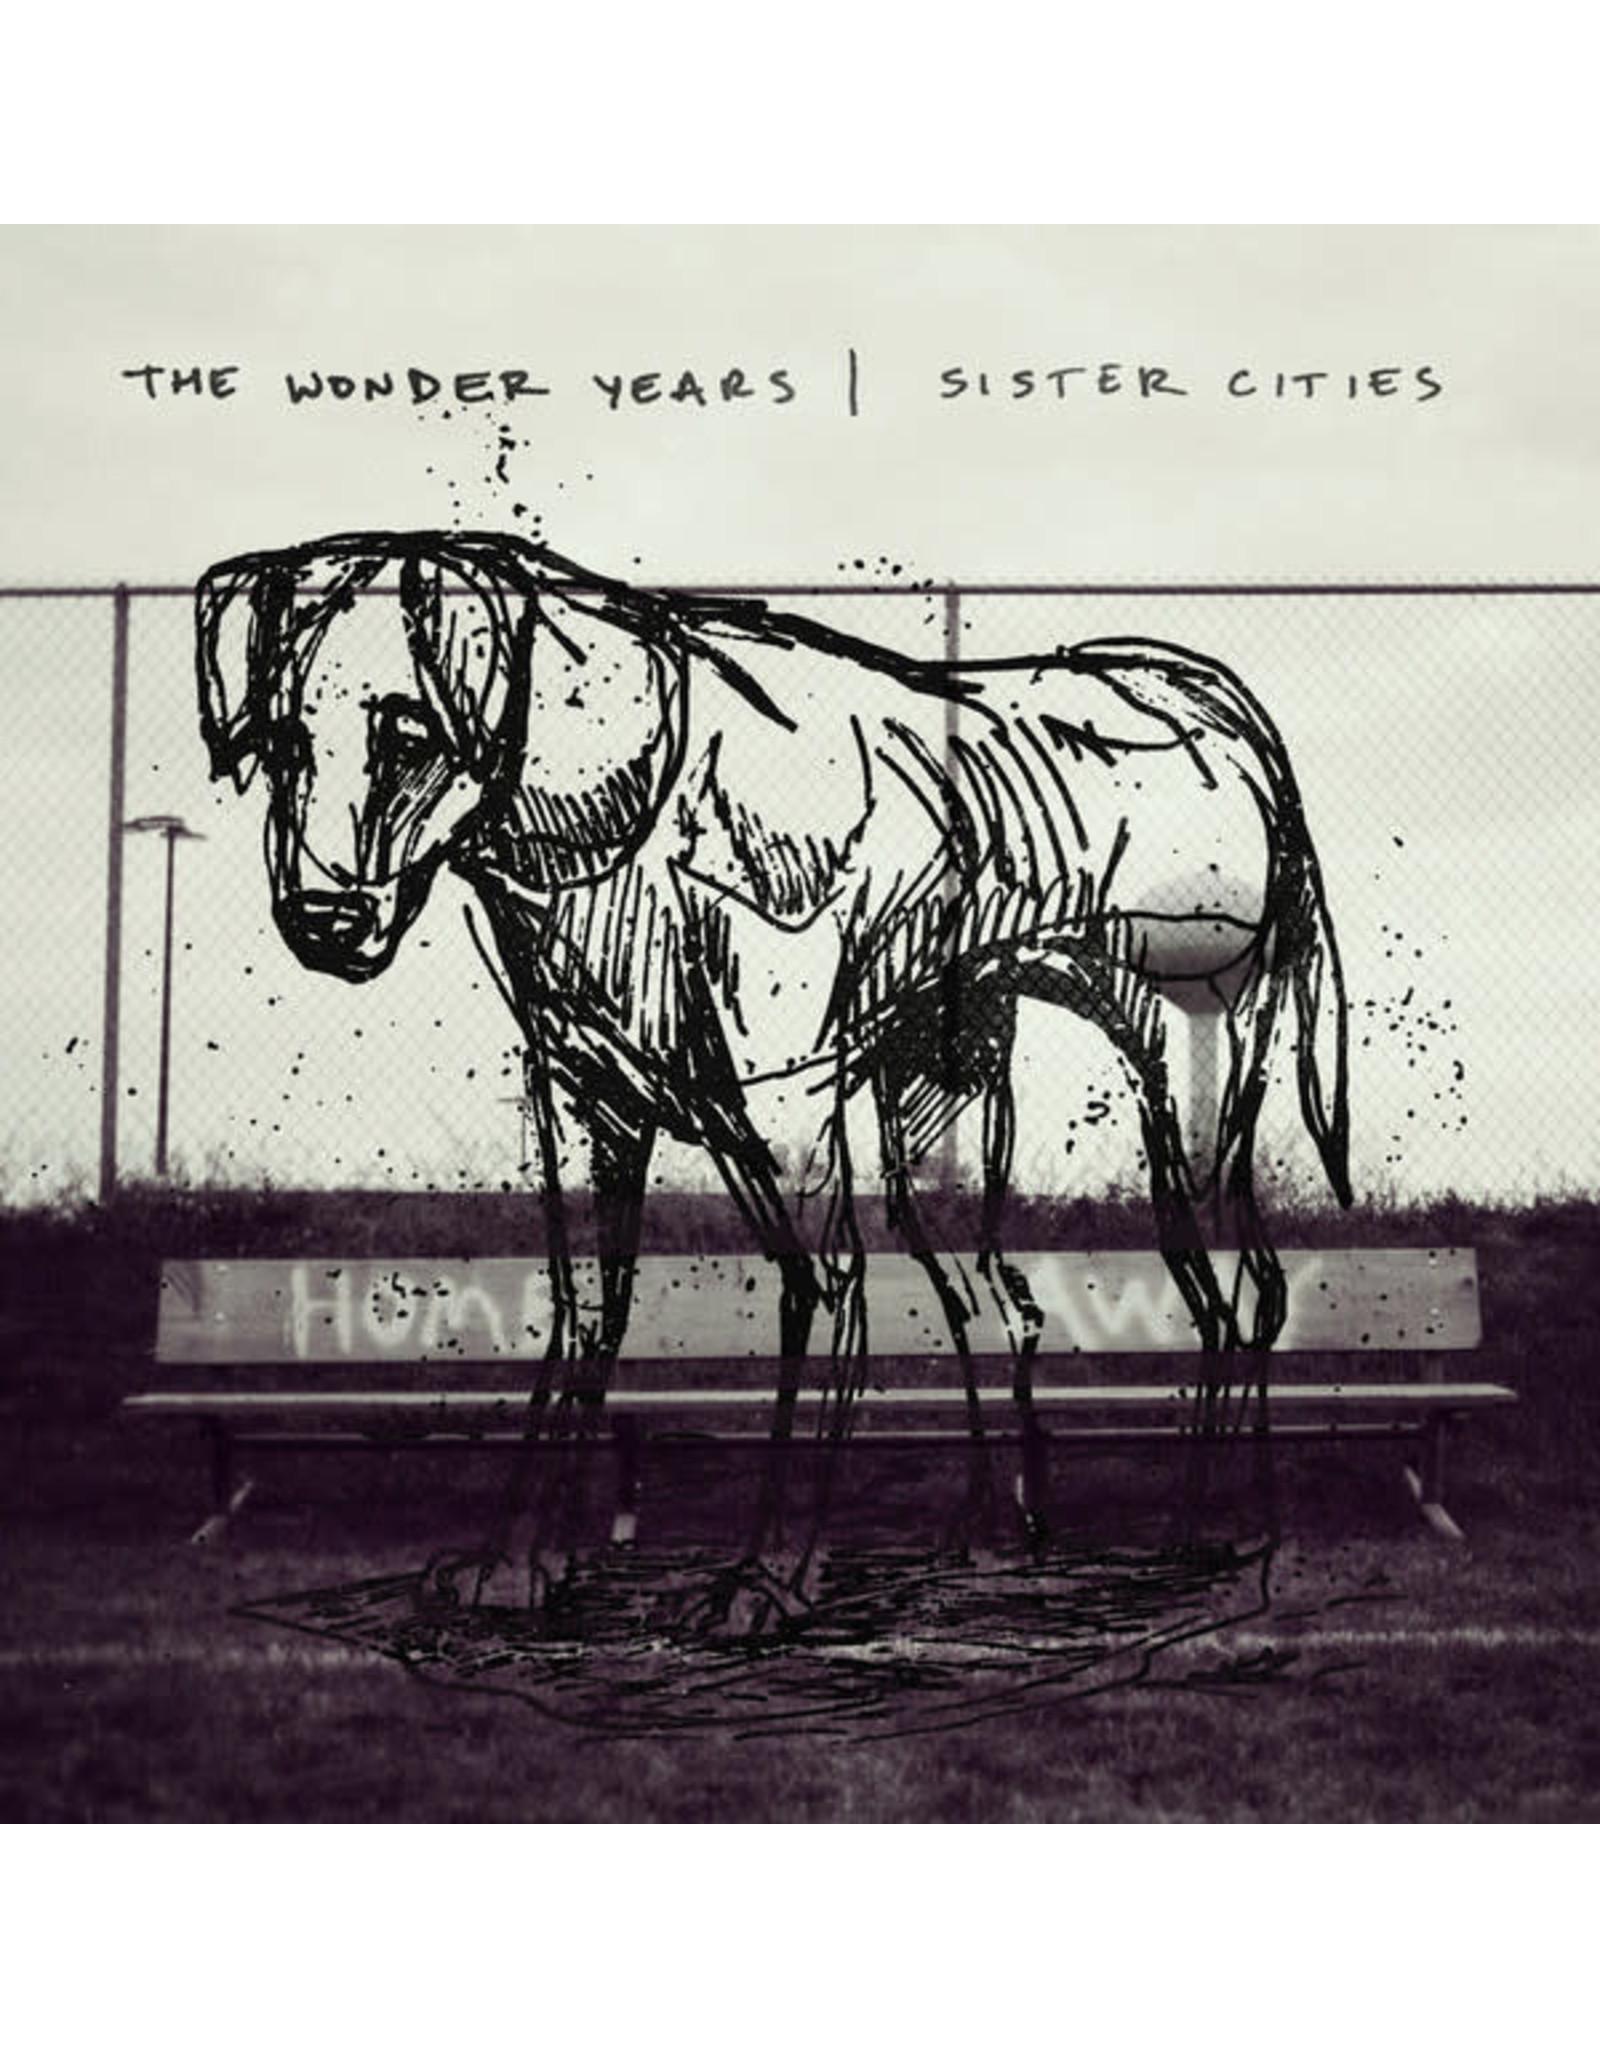 Wonder Years - Sister Cities CD